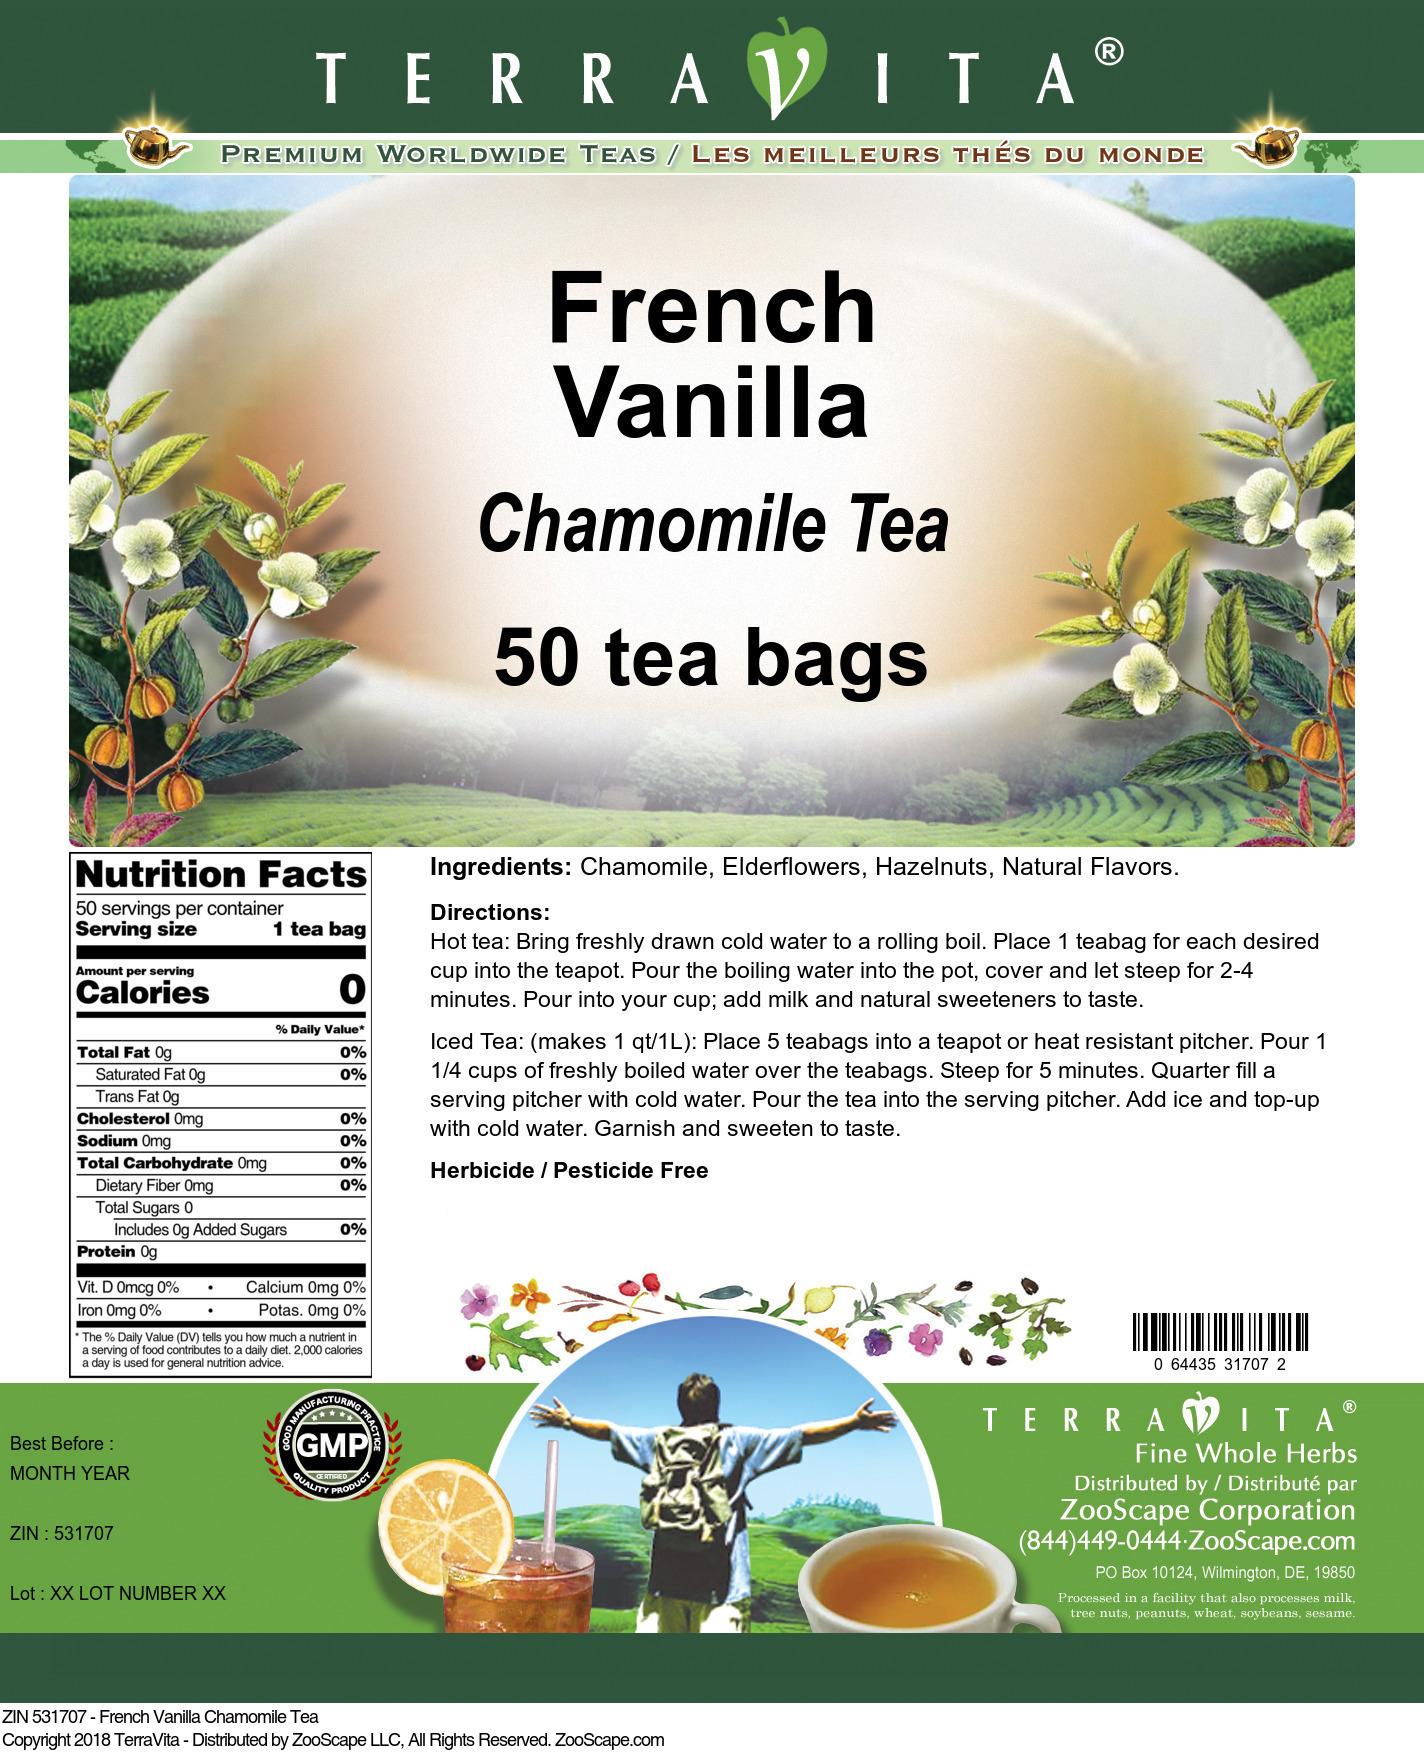 French Vanilla Chamomile Tea